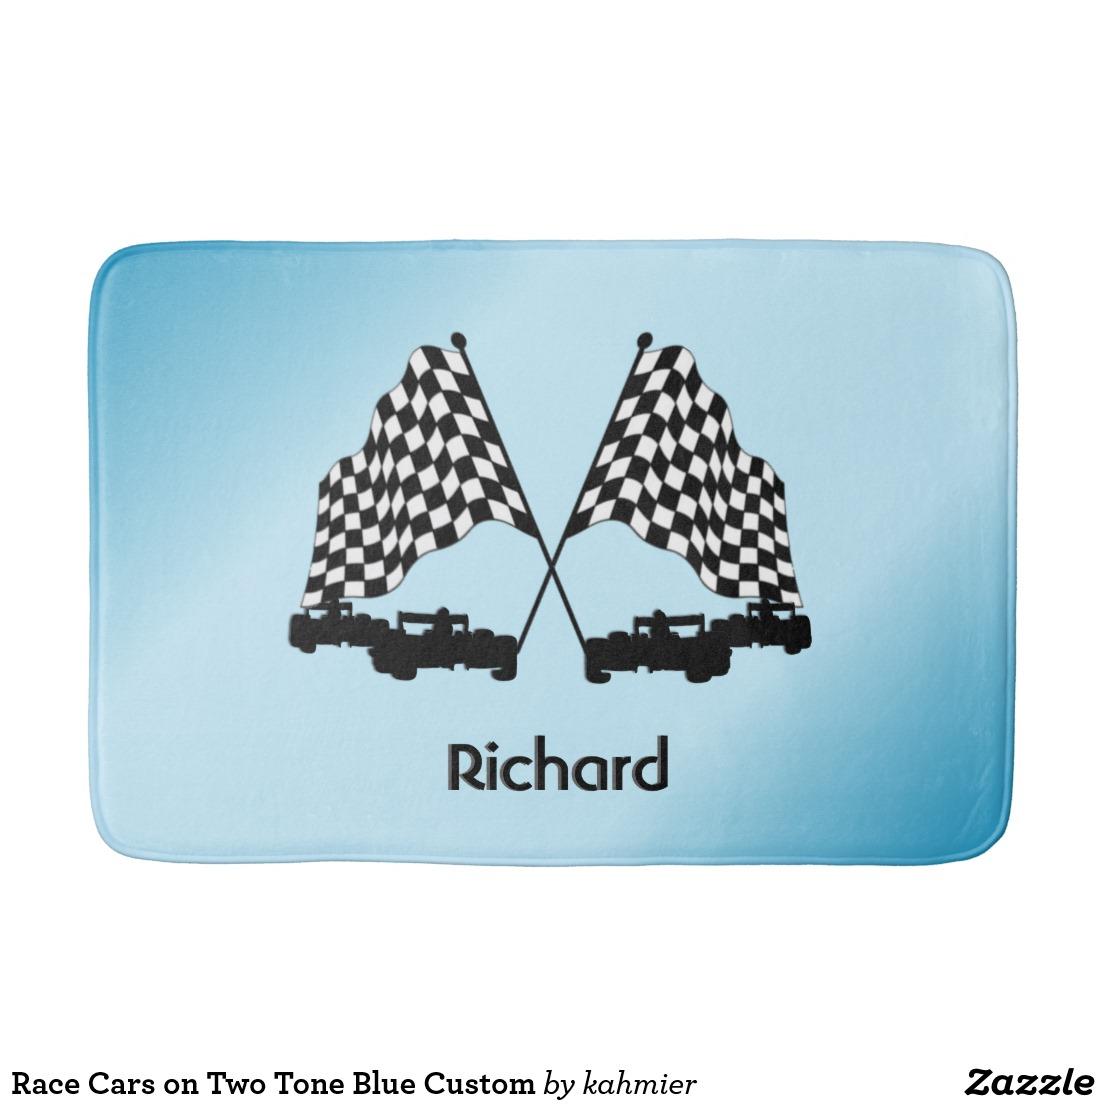 Race Cars on Two Tone Blue Custom Bathroom Mat